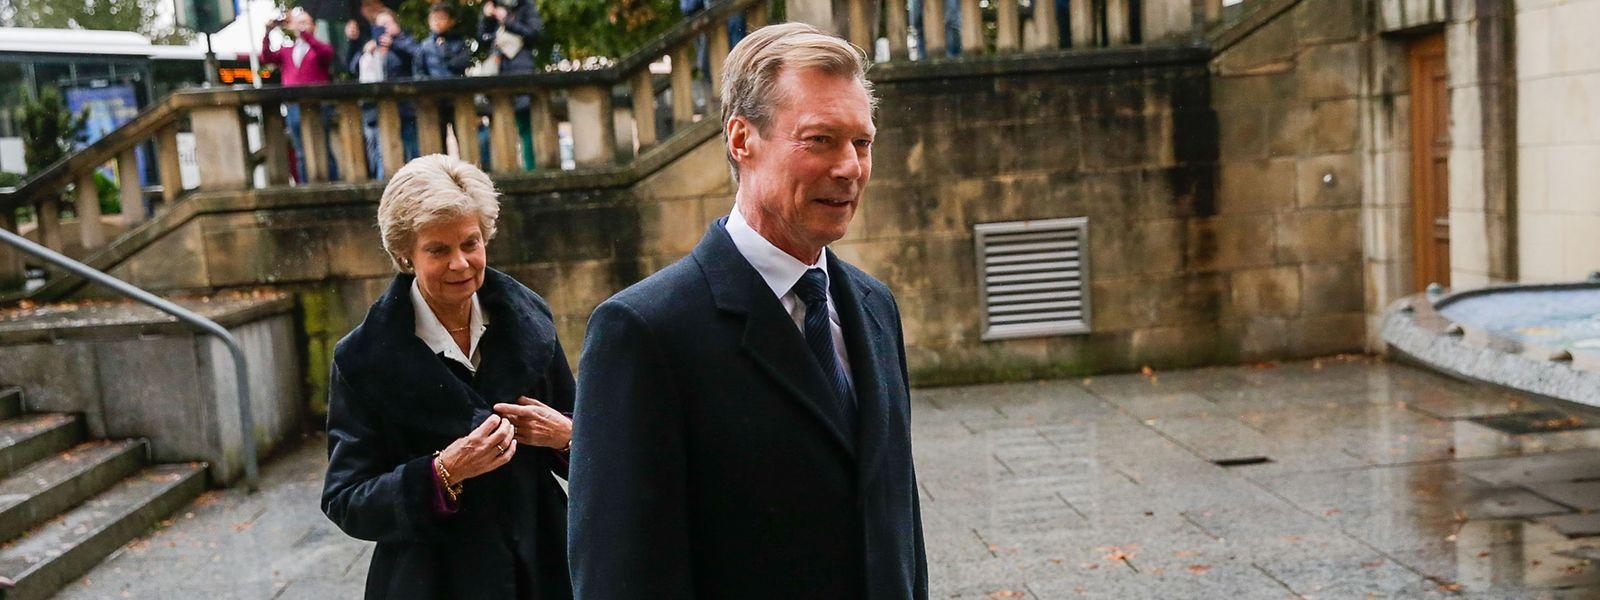 Le Grand-Duc et sa soeur Marie-Astrid à leur arrivée à la cathédrale